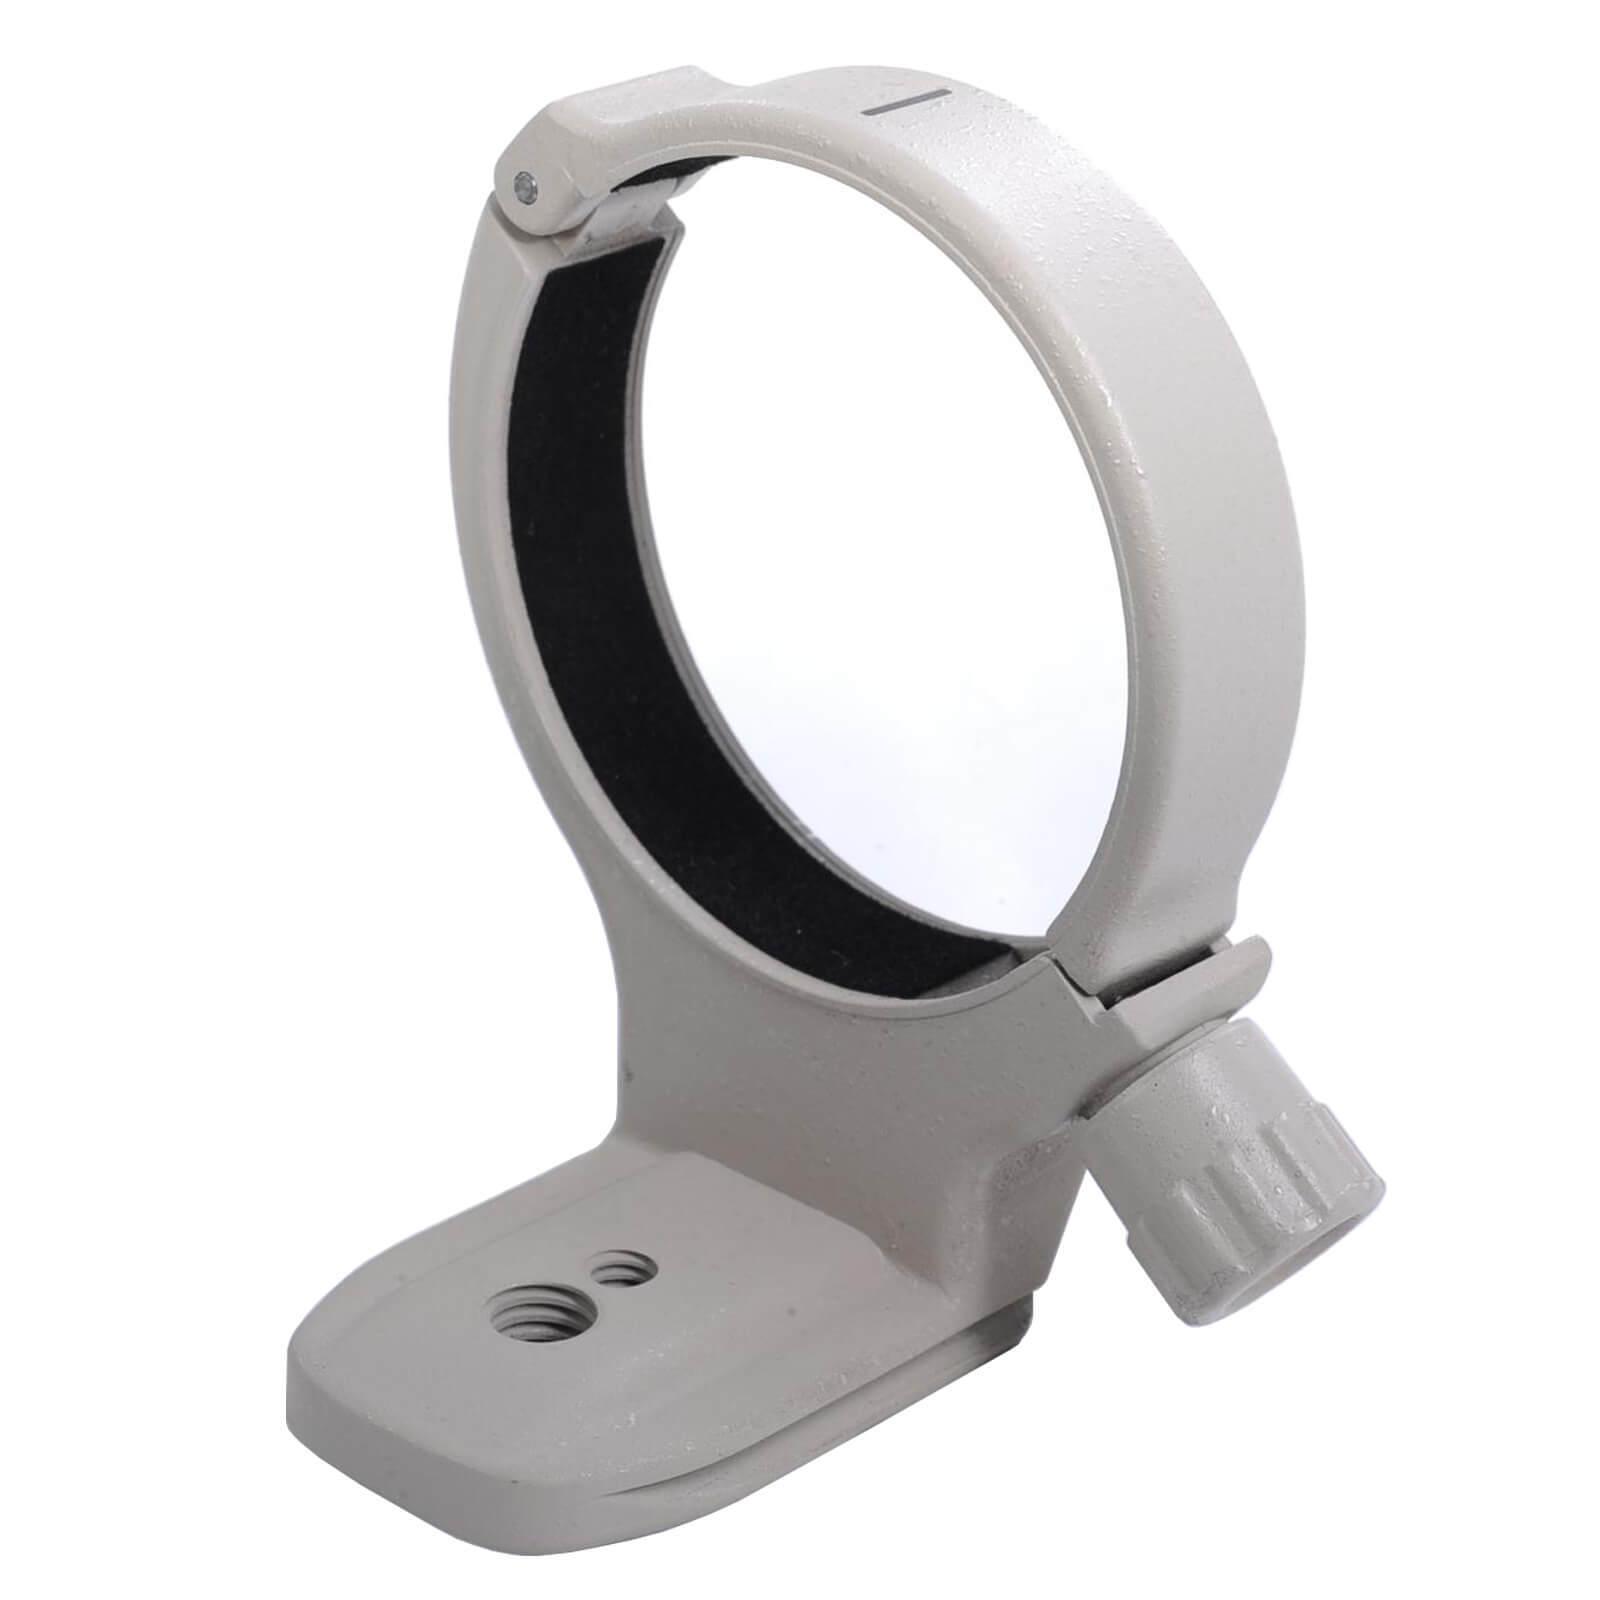 Lens Collar Tripod Mount Ring for Canon EF 70-200mm f/4L IS USM & EF 400mm f/5.6 L USM